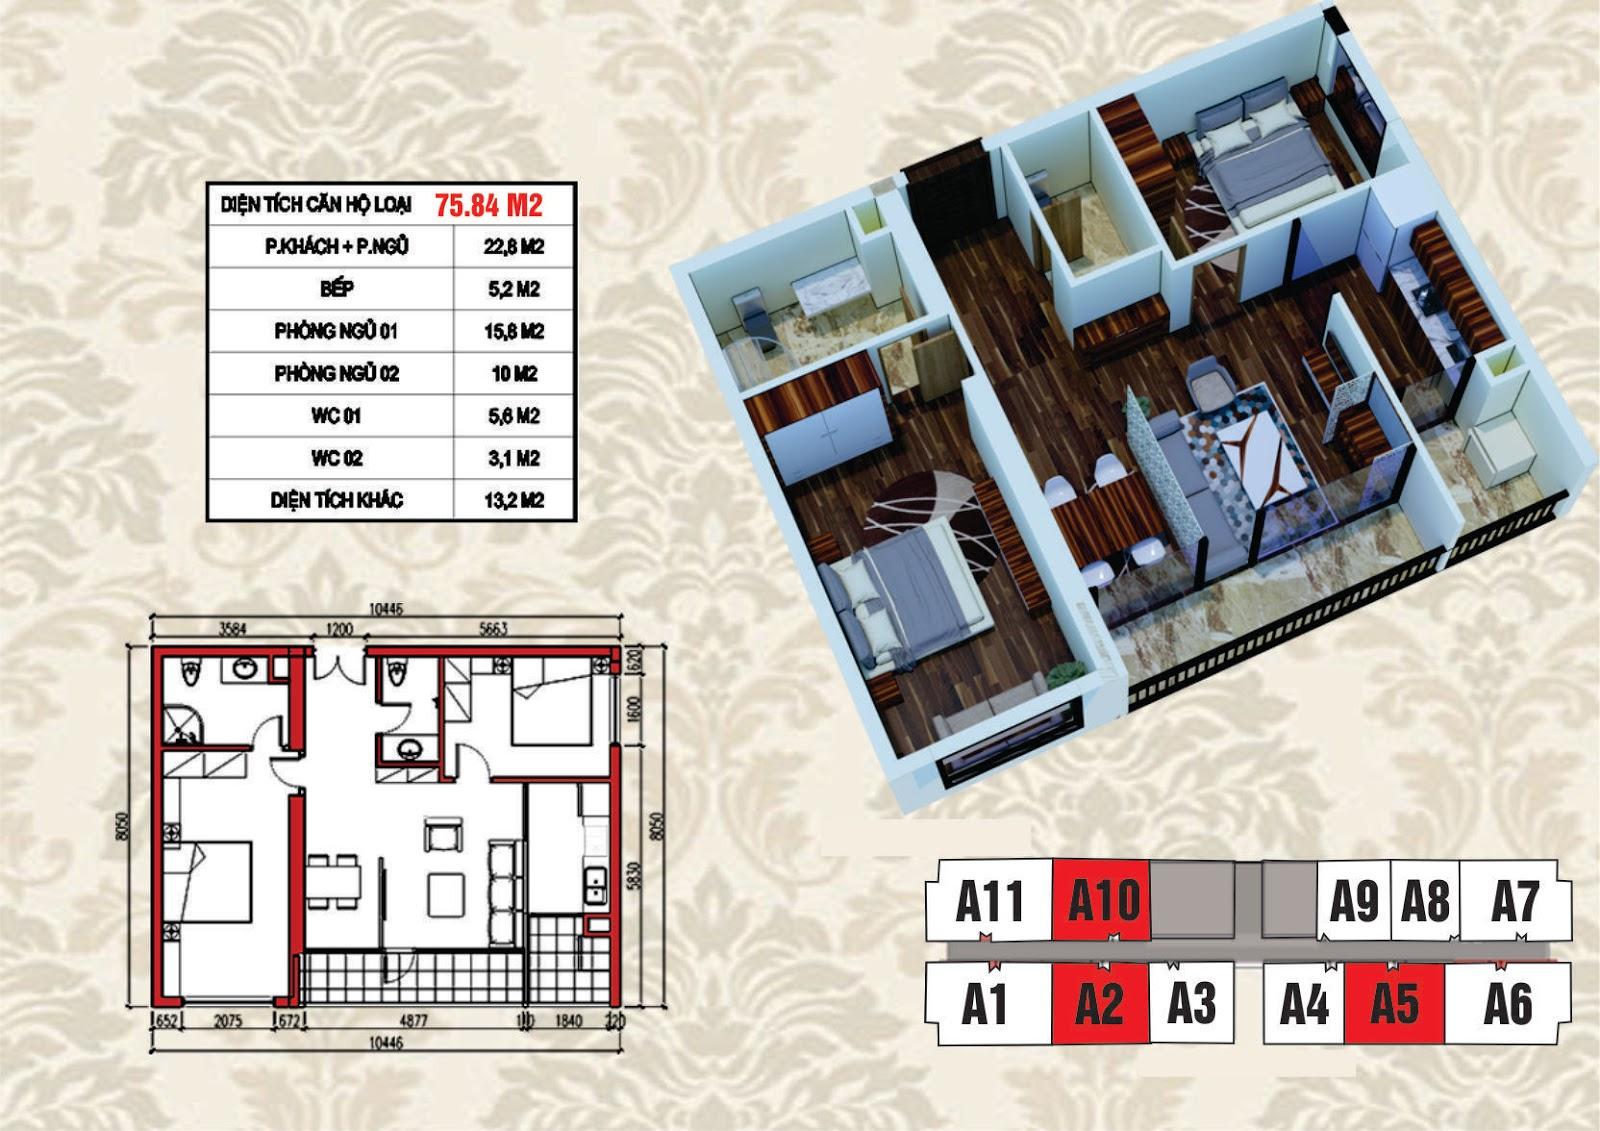 SƠ ĐỒ THIẾT KẾ căn hộ số A2, A5 và A10